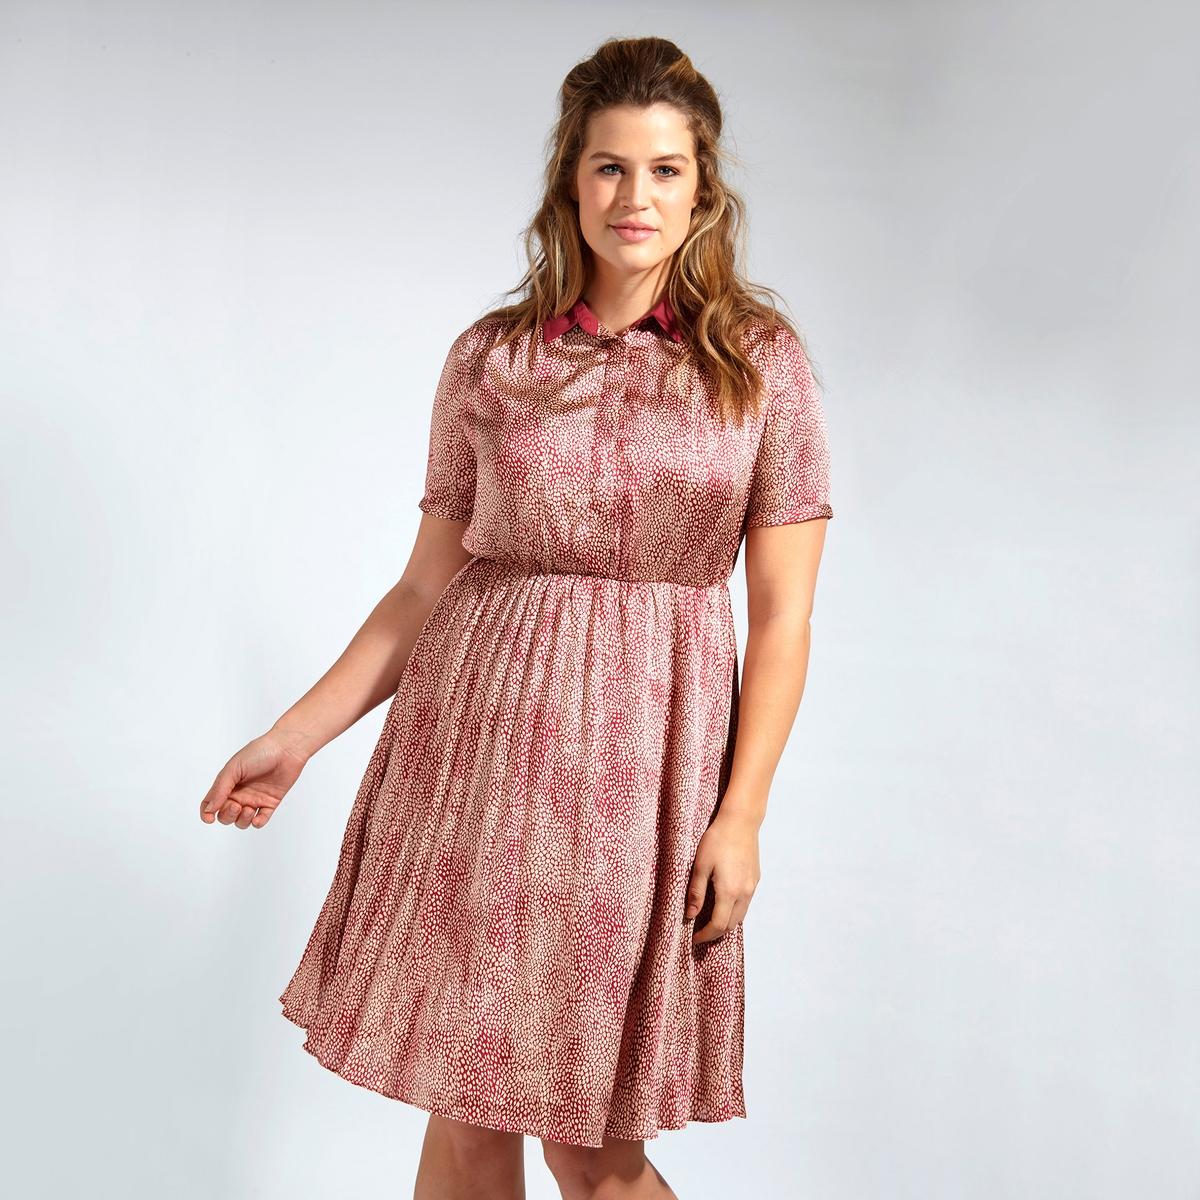 ПлатьеПлатье LOVEDROBE. Красивое платье с рубашечным воротником на пуговицах . Эффект плиссировки снизу  . 100% полиэстер<br><br>Цвет: набивной рисунок<br>Размер: 50/52 (FR) - 56/58 (RUS).48 (FR) - 54 (RUS)